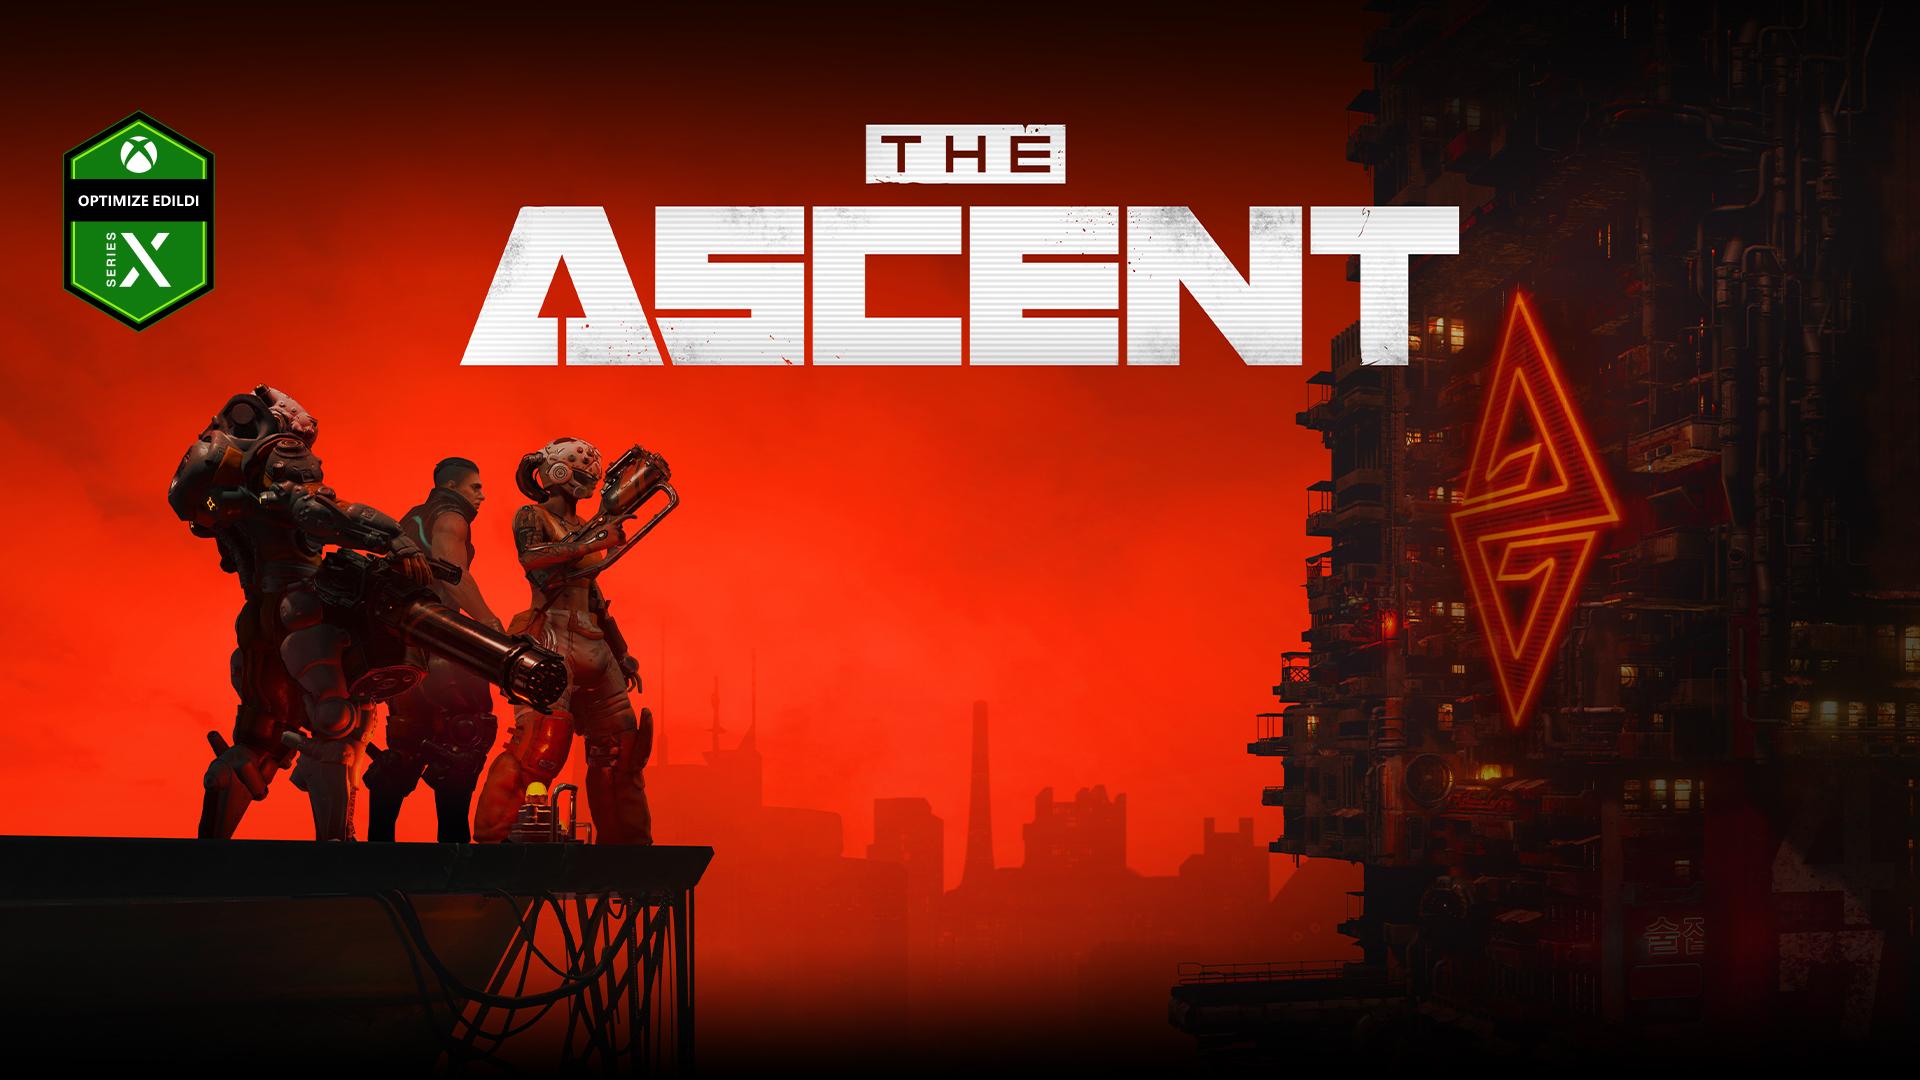 The Ascent, Xbox Series X için Optimize Edildi, Üç karakter büyük bir cyberpunk tarzı endüstriyel binaya bakan bir platformda duruyor